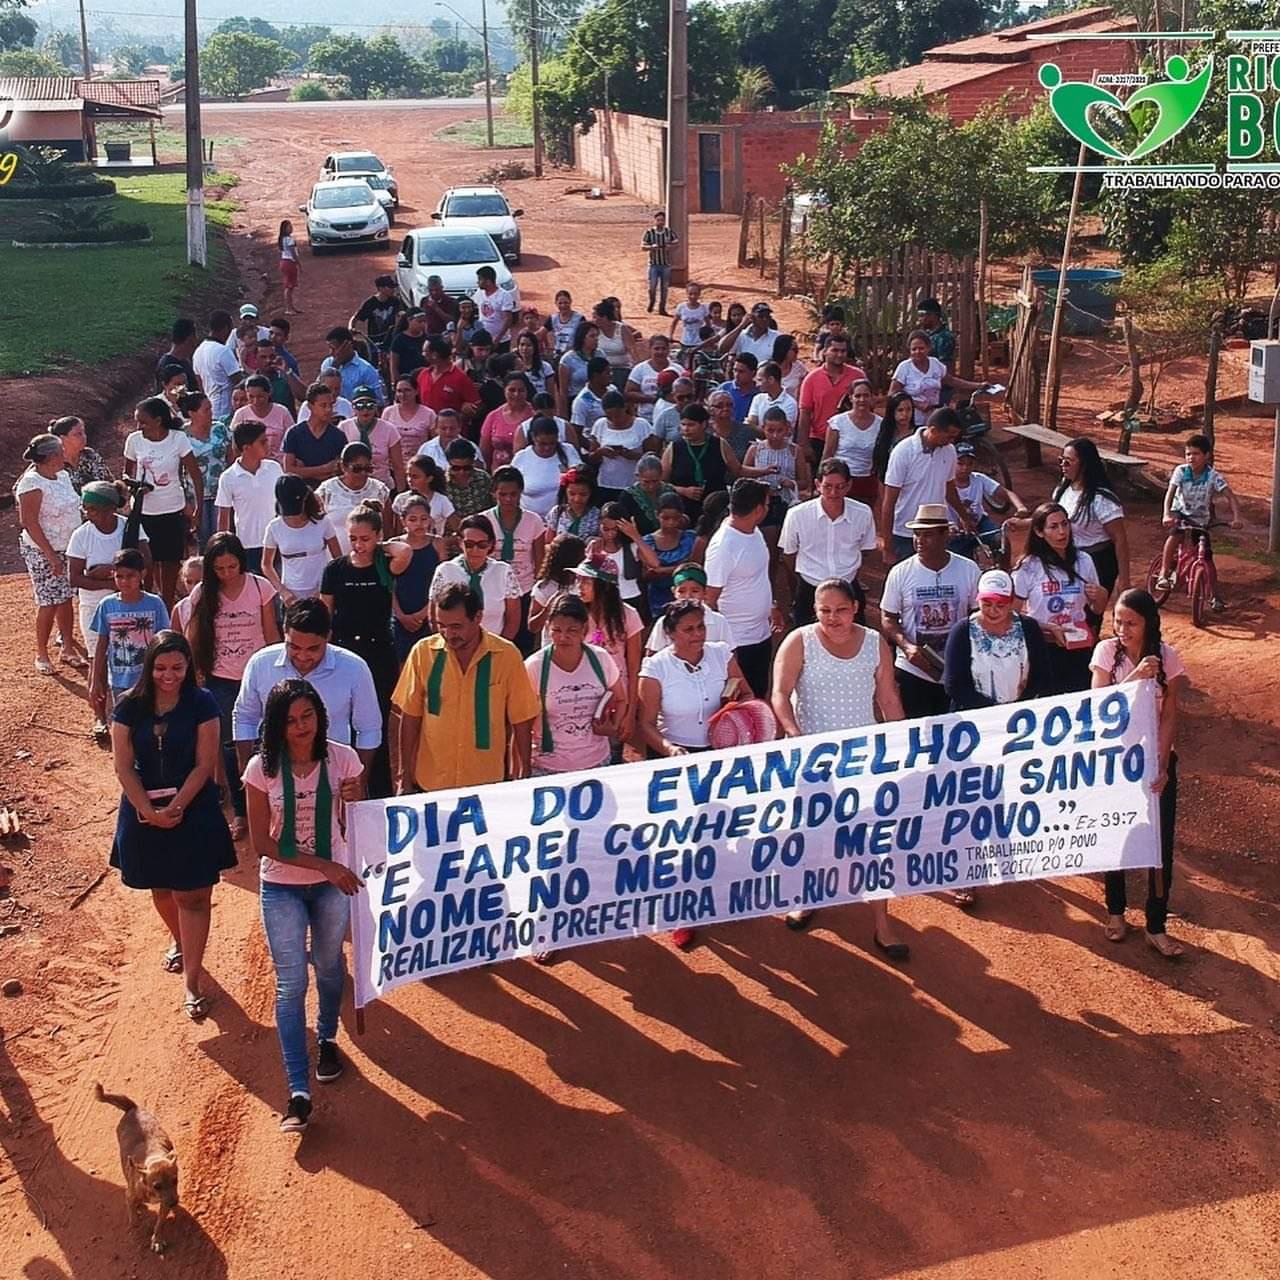 Cidade de Rio dos Bois celebra o Dia do Evangelho 2019